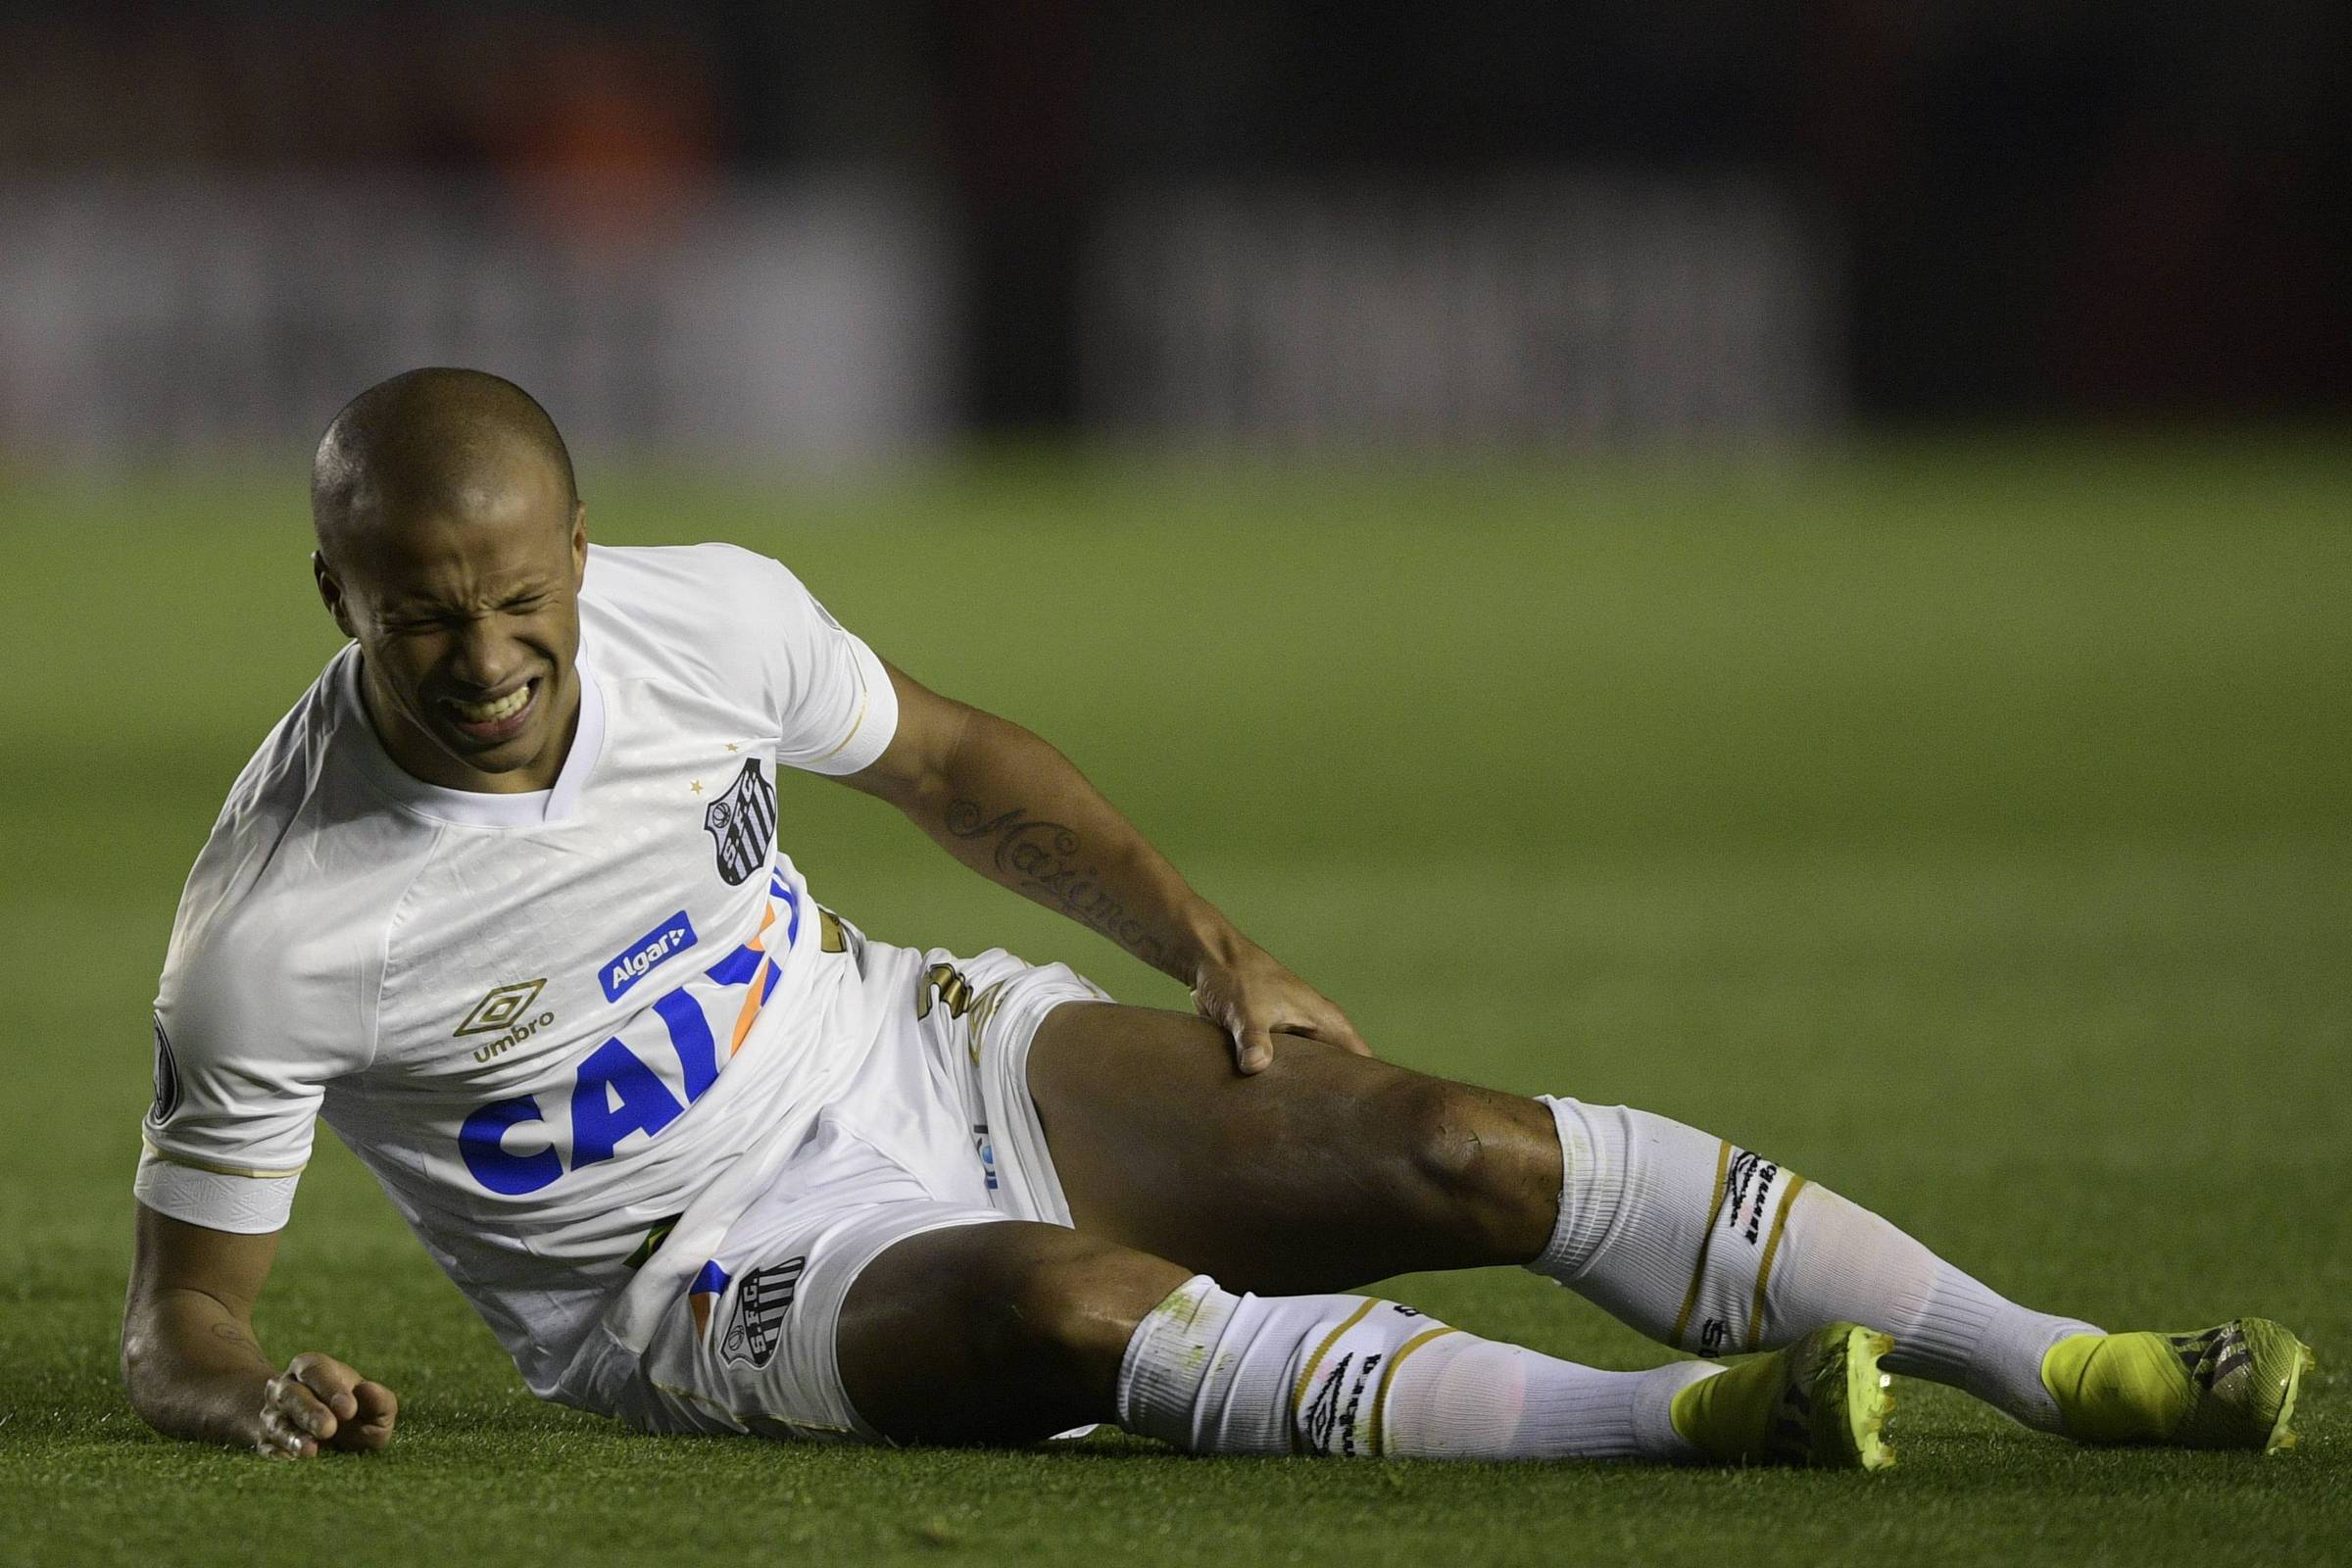 Conmebol adia decisão sobre punição ao Santos para dia do jogo de volta -  27 08 2018 - Esporte - Folha cc08978d0d912